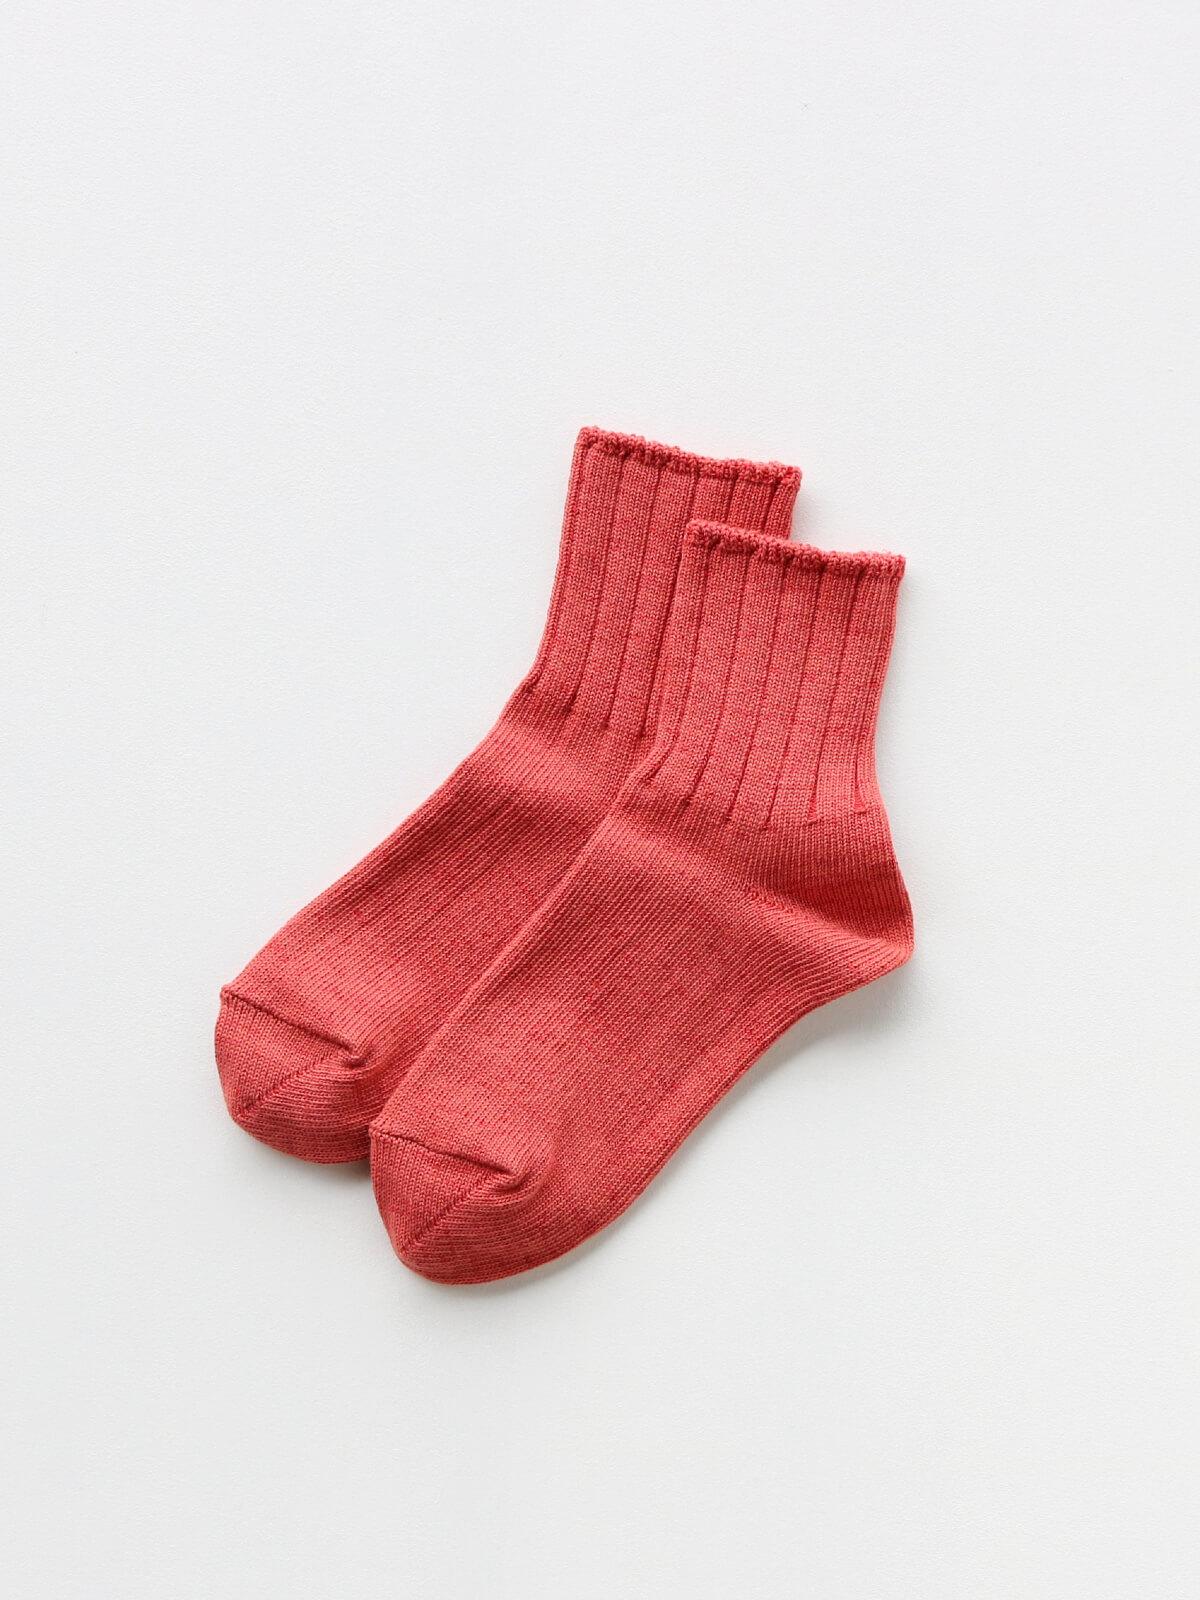 当たりつきギフト専用靴下のLUCKY SOCKS(ラッキーソックス)のSmooth Ankle Socks(スムースアンクルソックス)のブラッドオレンジ_2